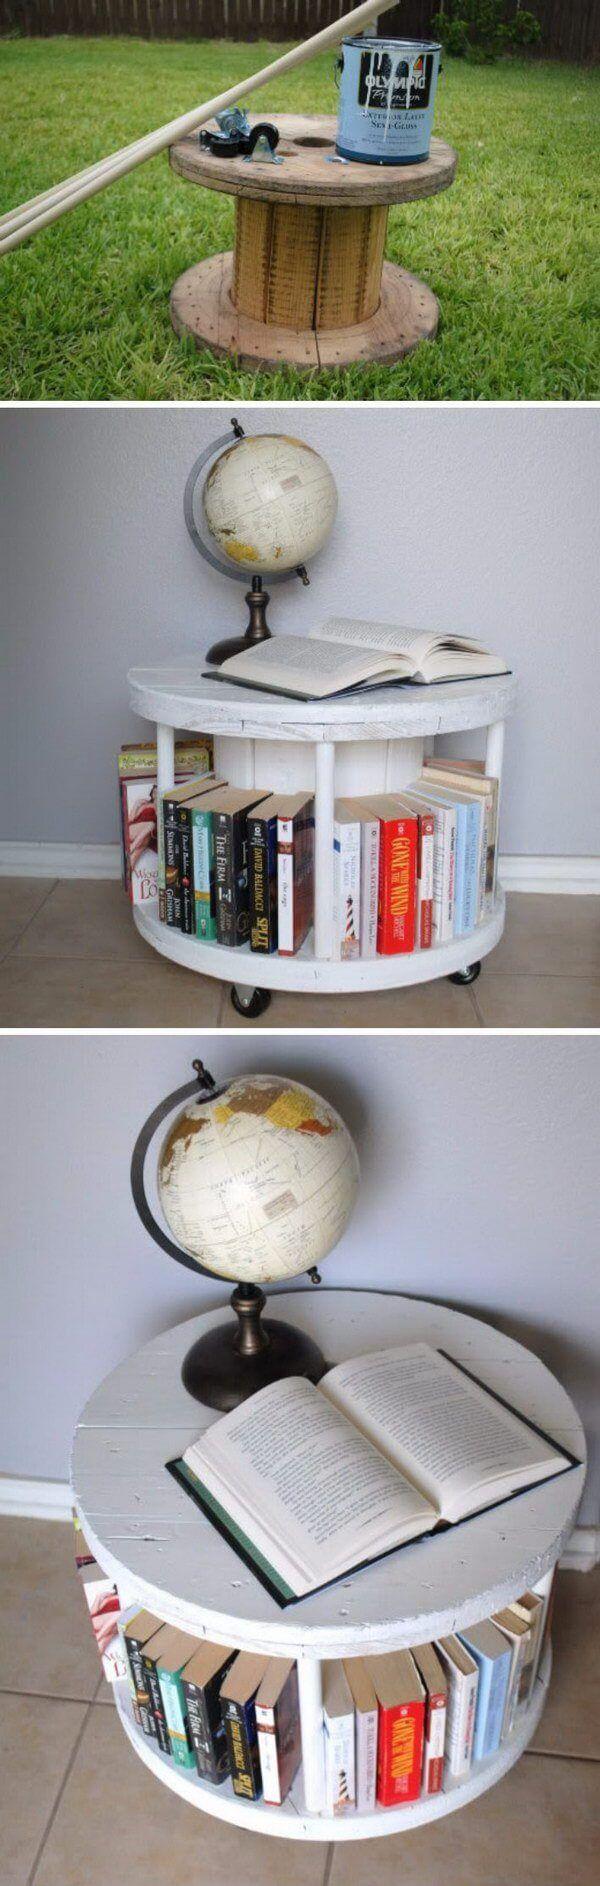 123 besten Wohnen, Möbel Bilder auf Pinterest